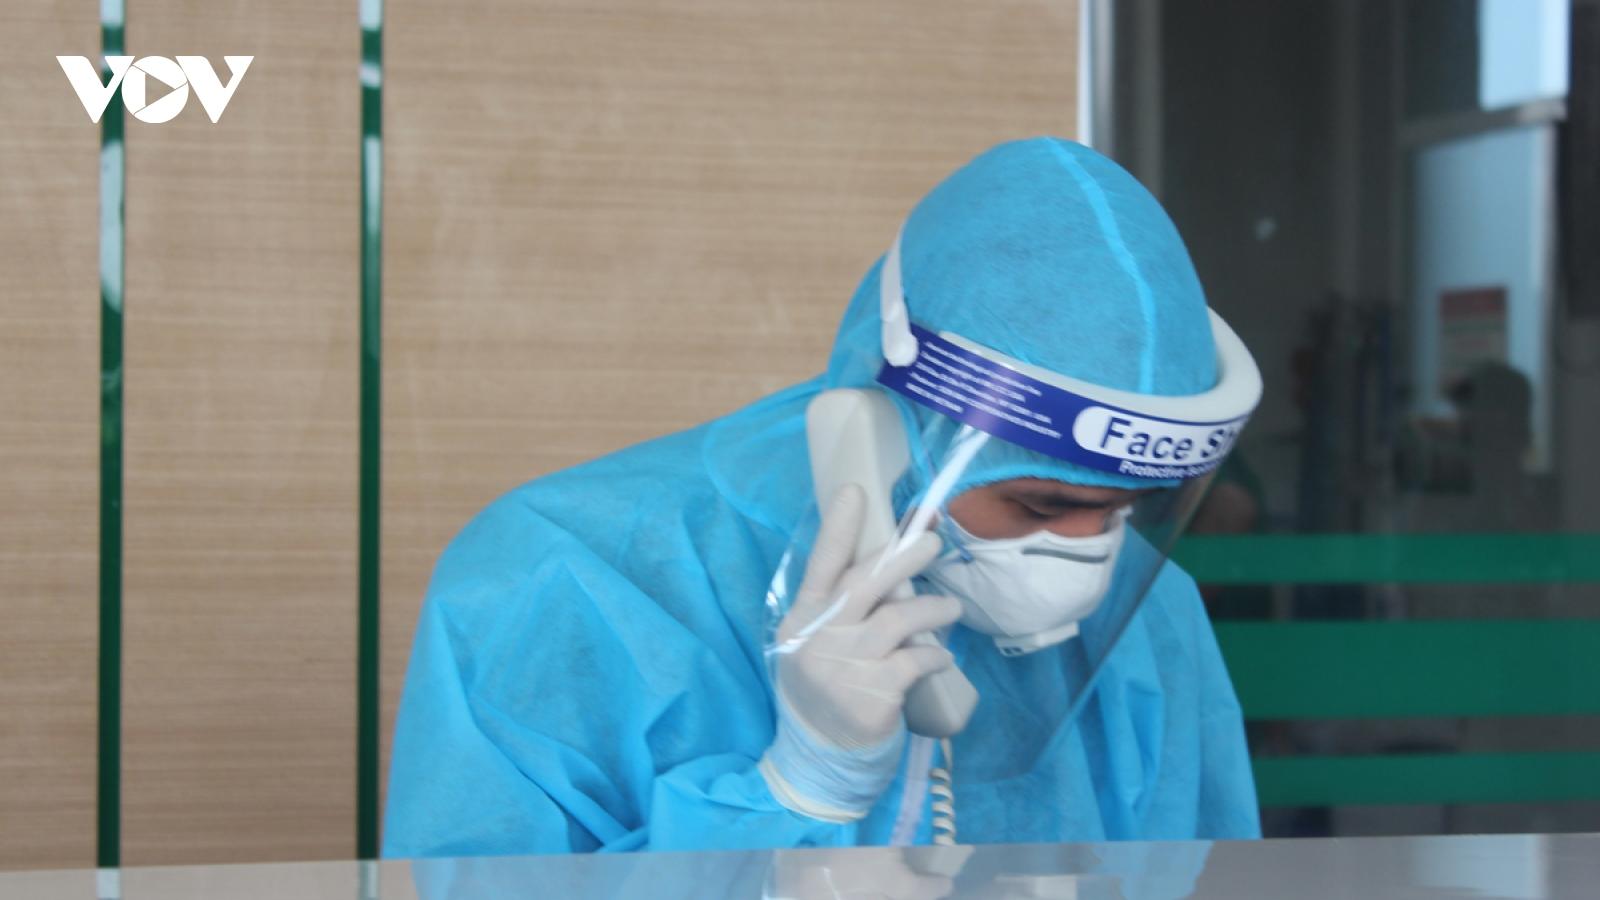 Bộ Y tế tìm người trên chuyến bay từ Nhật Bản về Đà Nẵng